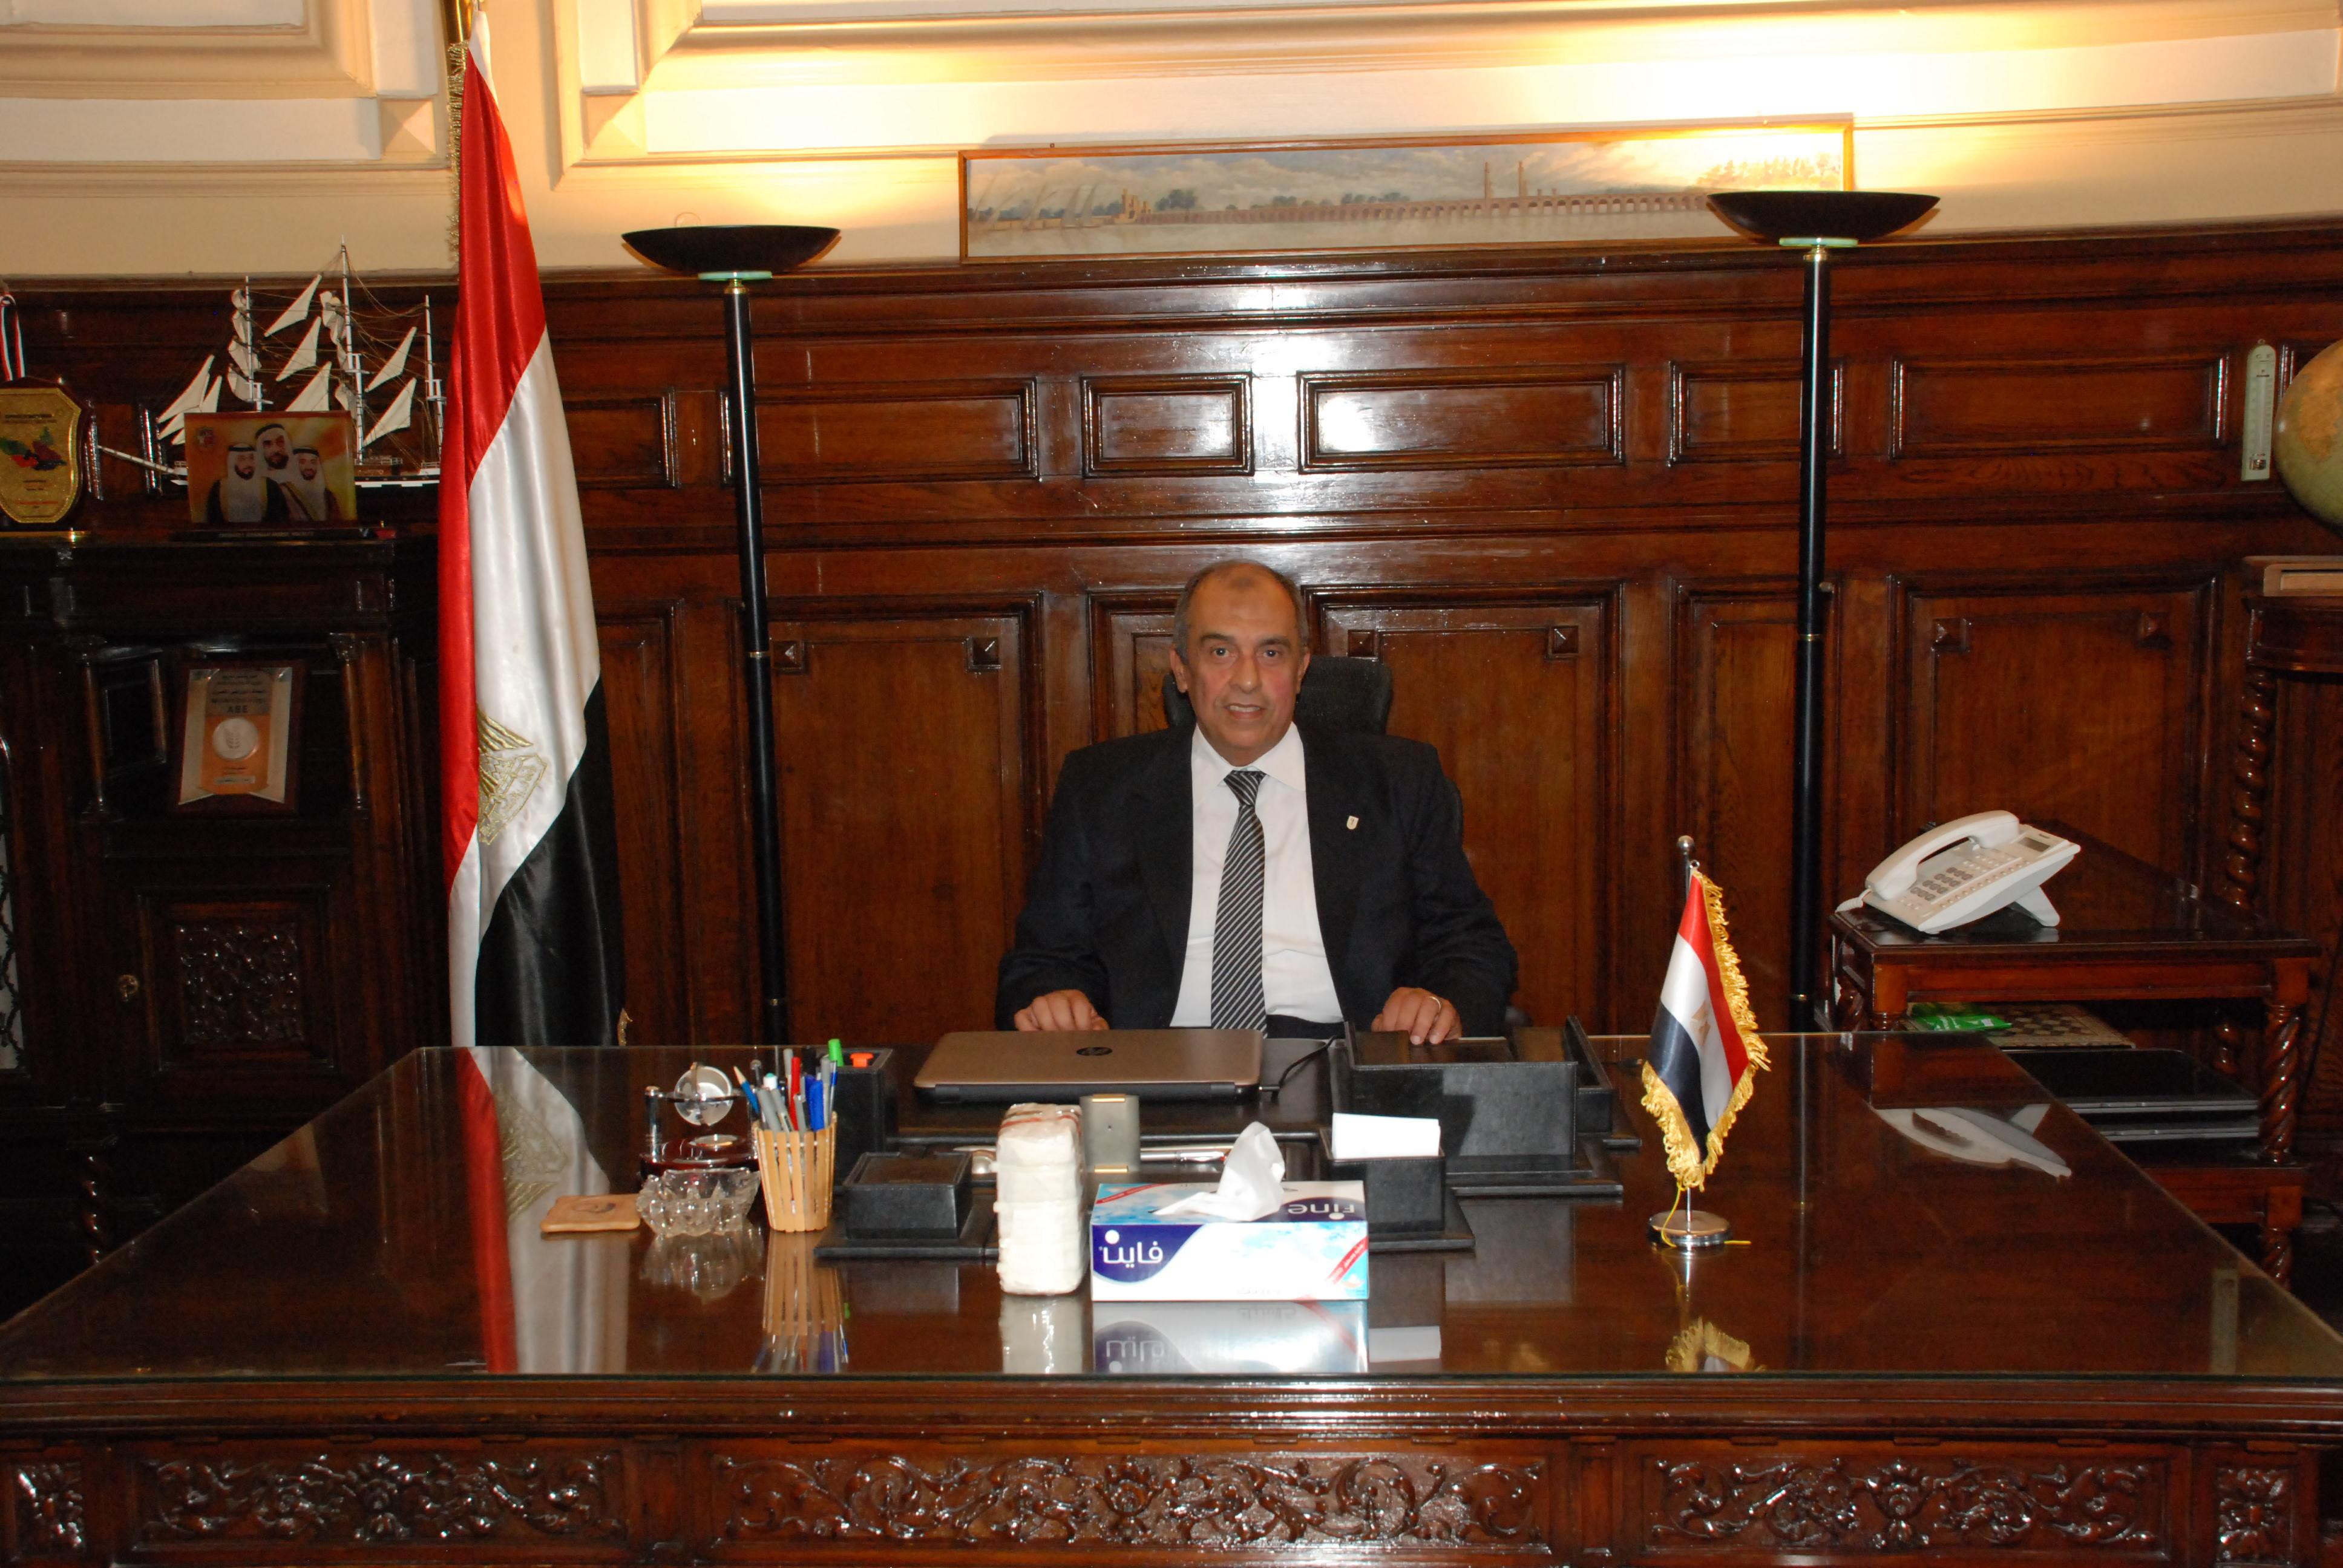 الدكتور-عزالدين-ابوستيت-وزير-الزراعة-واستصلاح-الأراضي